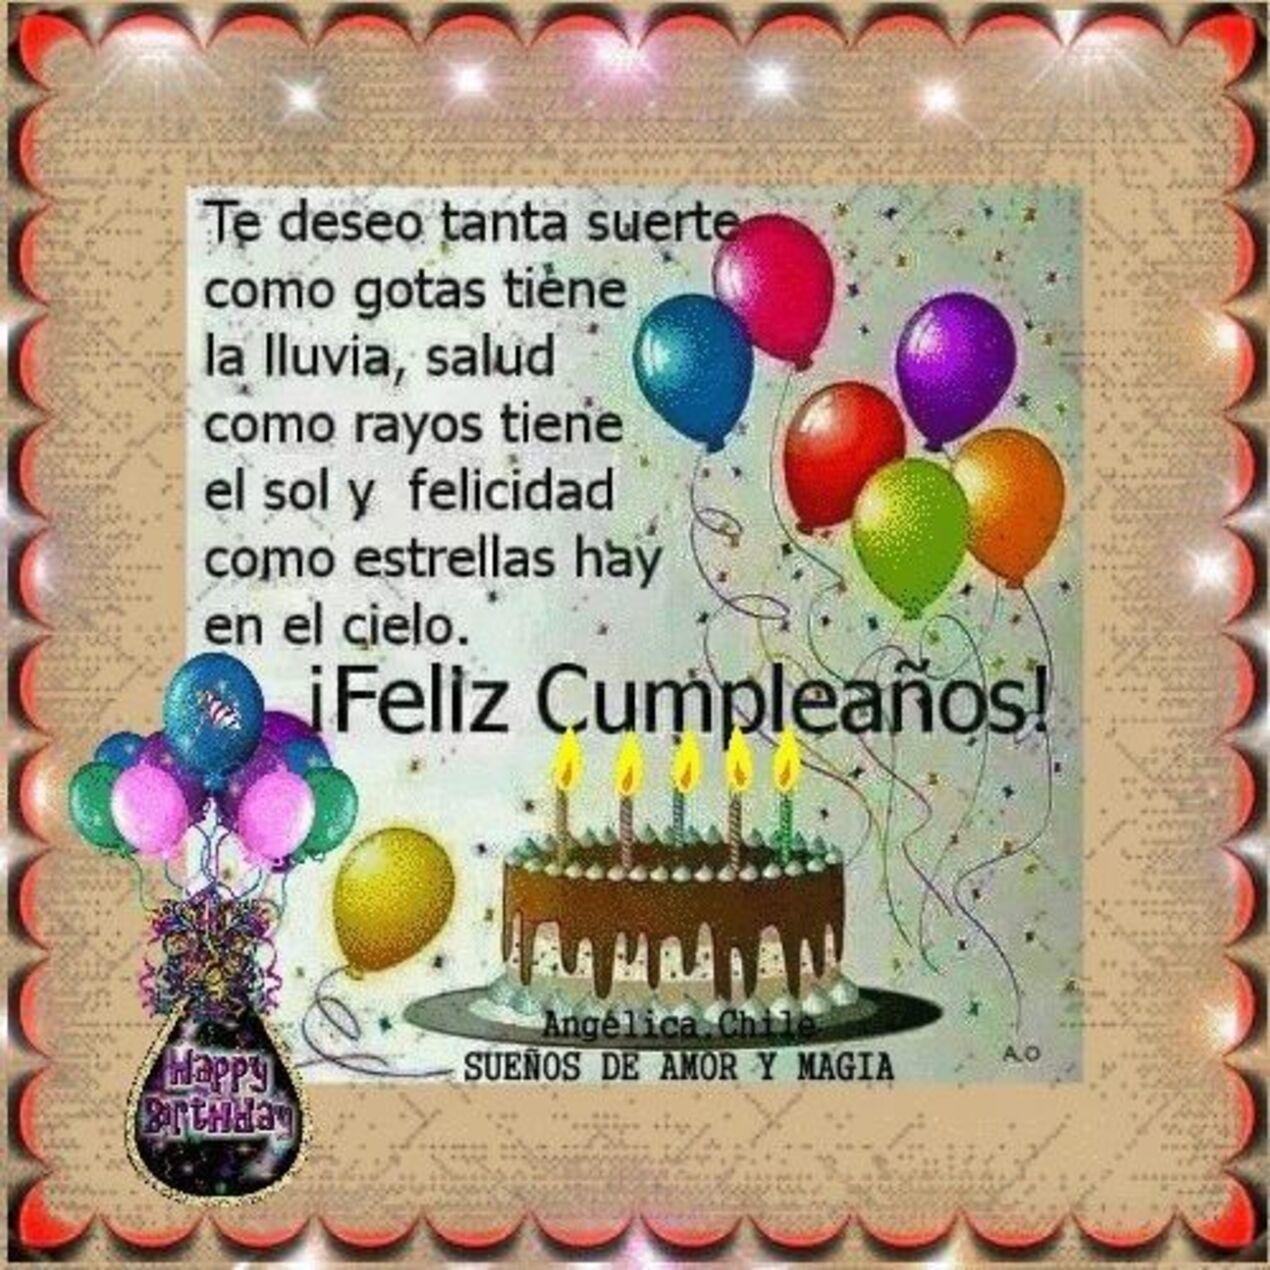 Feliz Cumpleaños imágenes mensajes frases para amigos - Página 3 de 10 -  HermosasImagenes.net